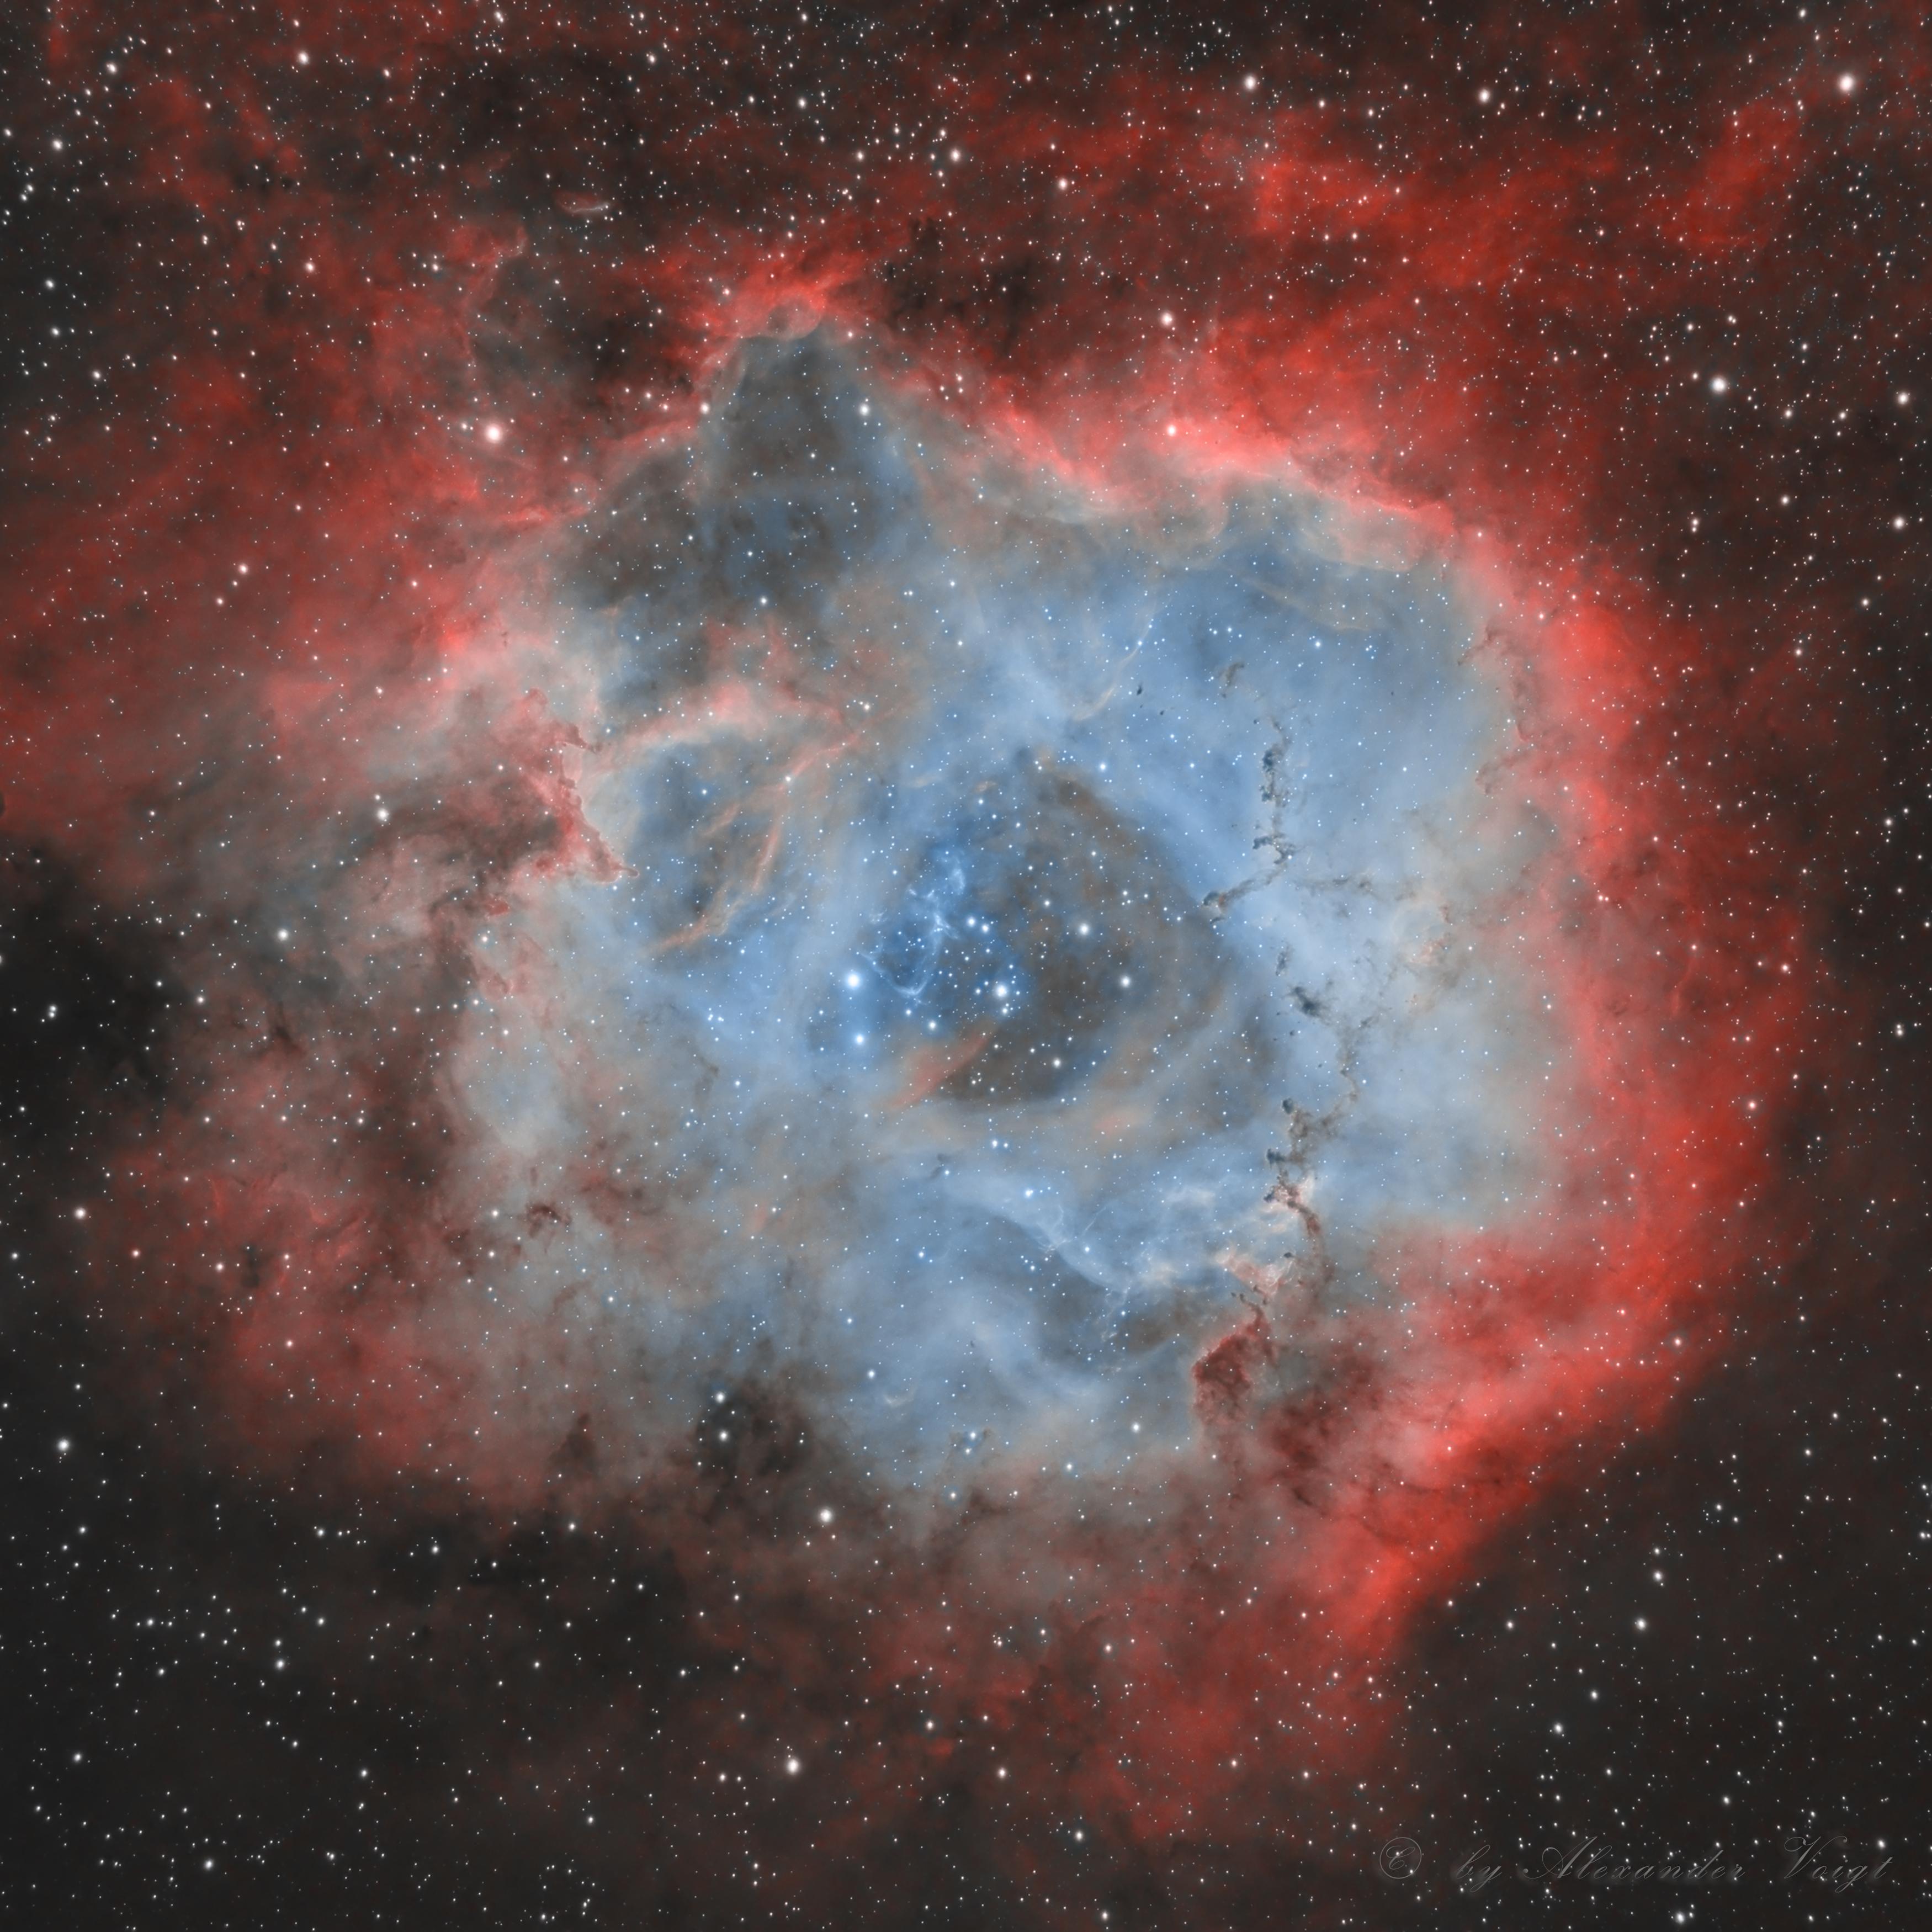 astrobin_v2